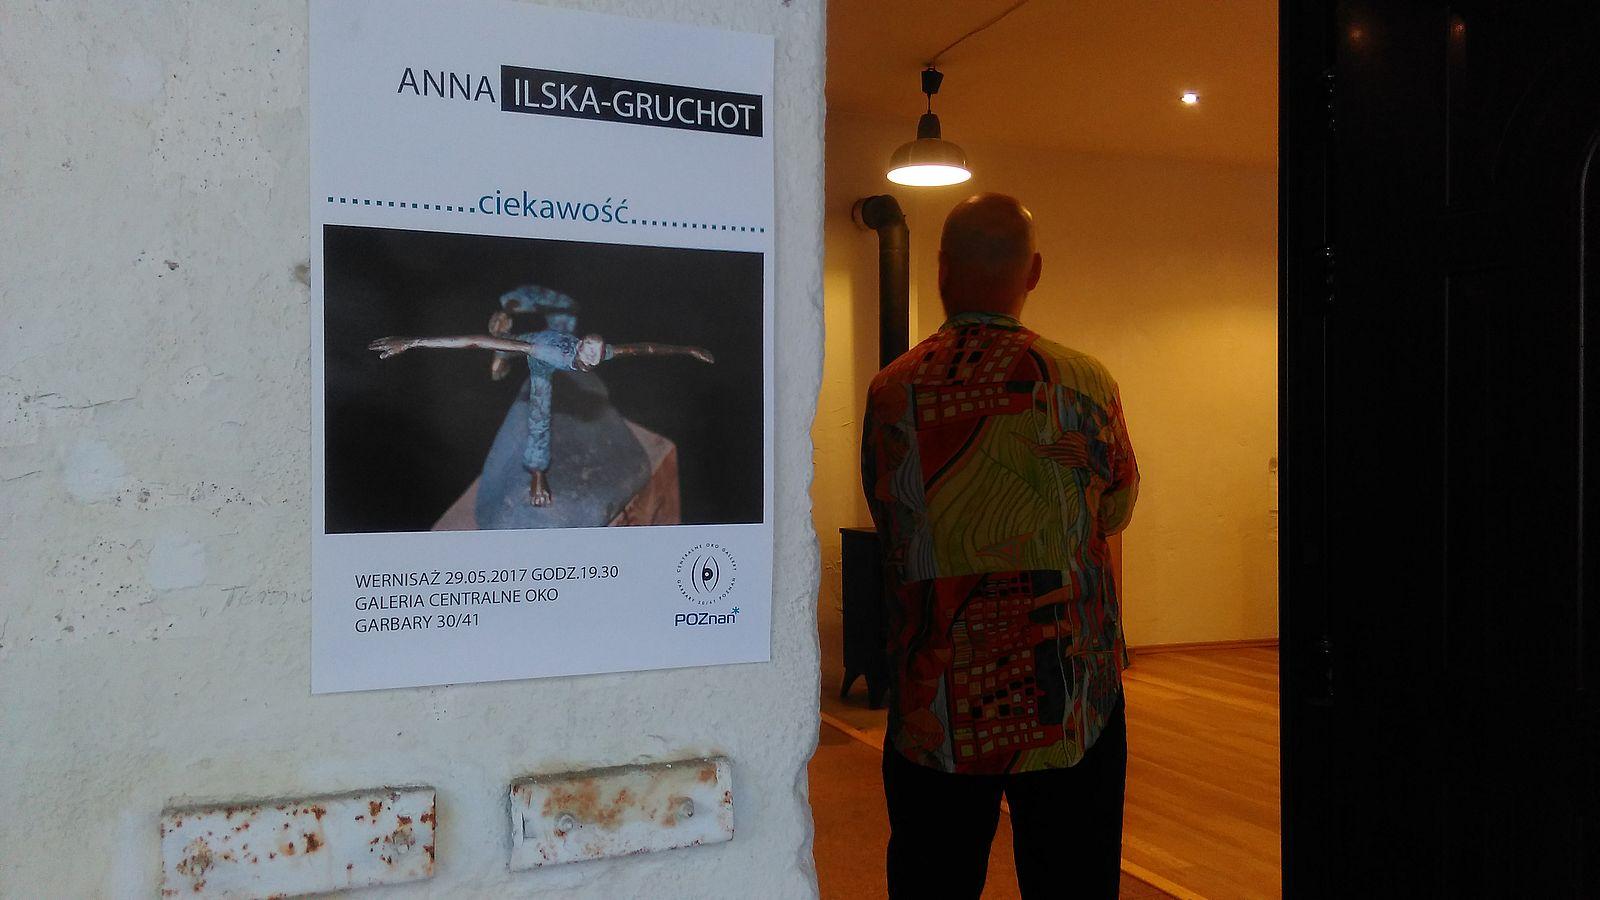 Centralne Oko - wystawa A. Ilskiej Gruchot (9)  Foto: Tomasz Dworek